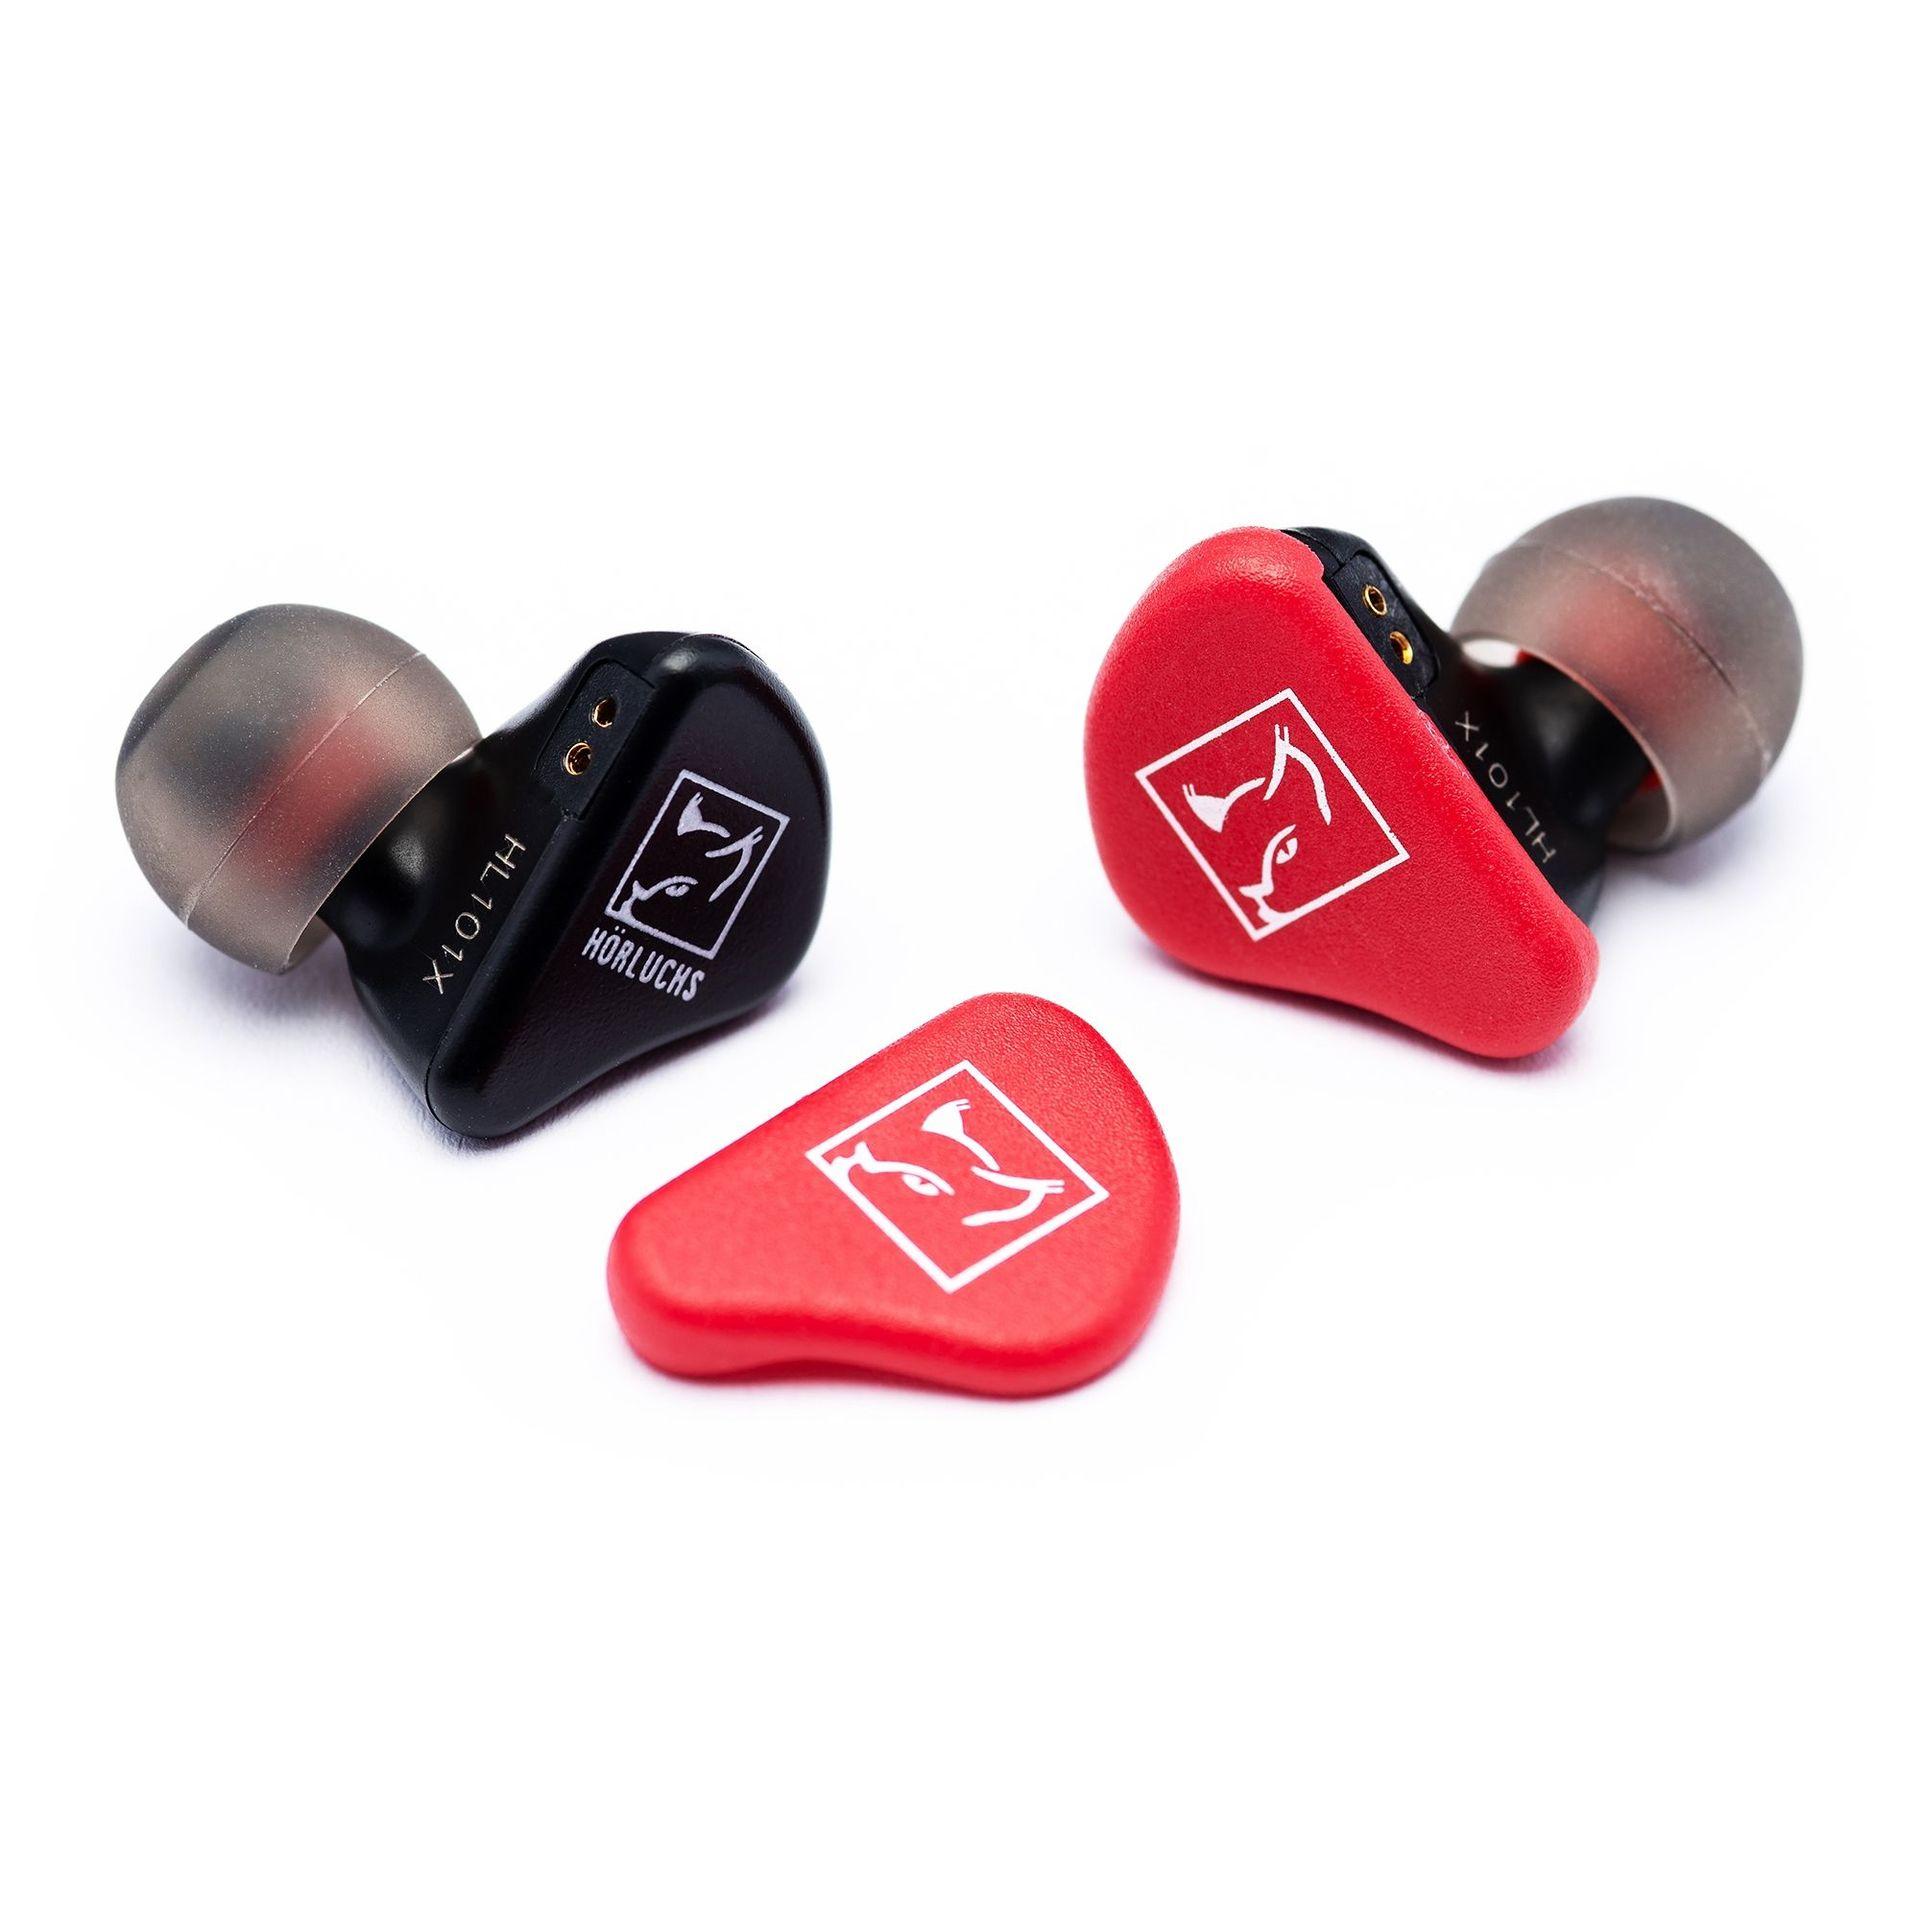 Hörluchs HL 1100 In-Ear Kopfhörer 1 Wege Treiber ausgewogen